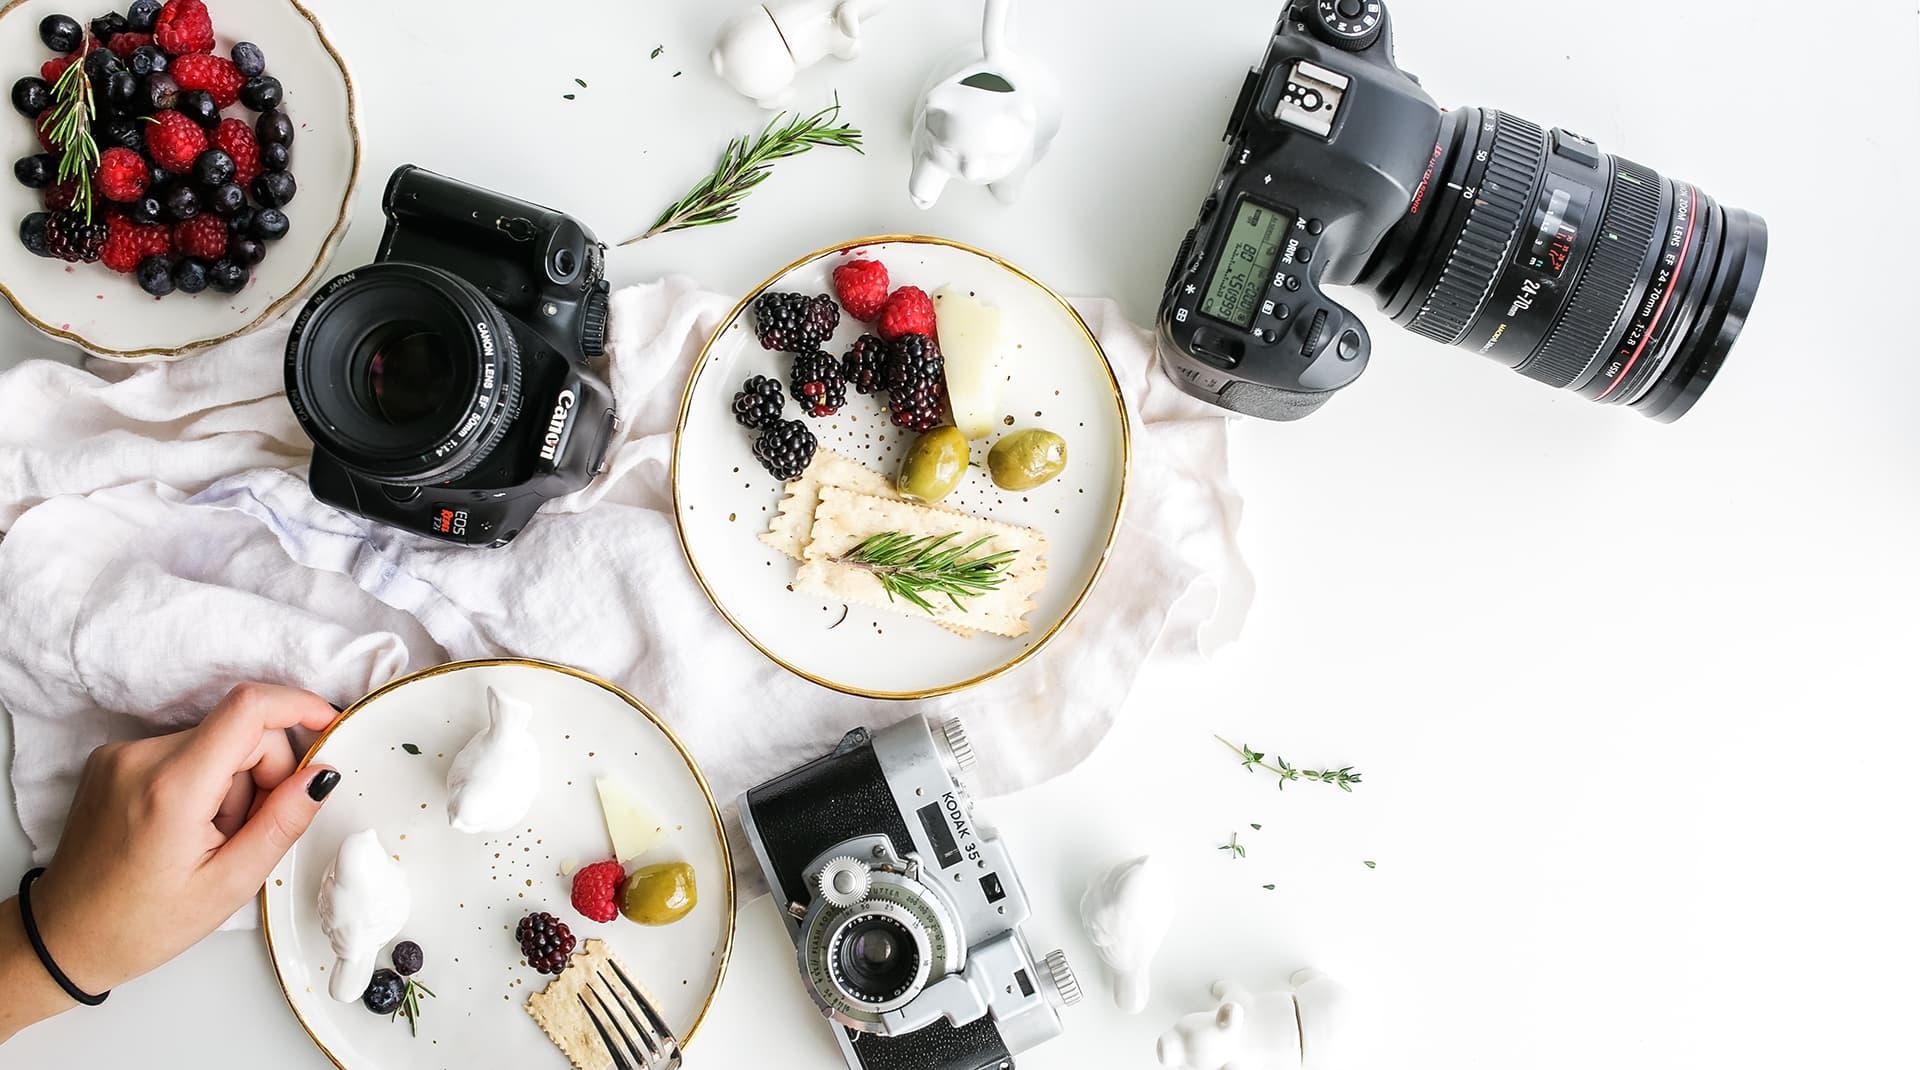 Домашняя фотостудия для «Инстаграм»: как быстро и недорого сделать софтбокс, фотофон и реквизит